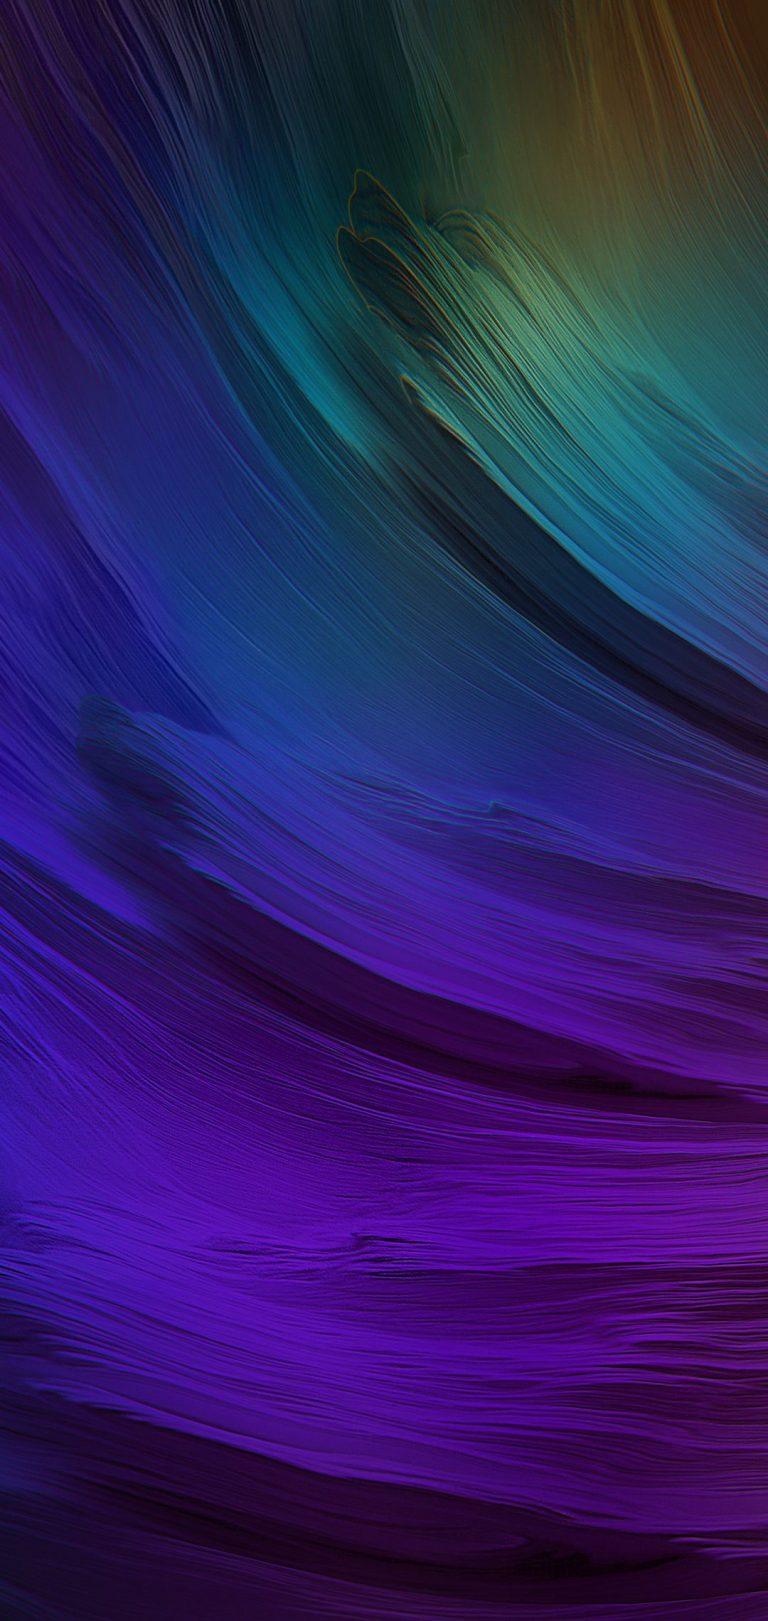 ZTE Axon 10 Pro Stock Wallpaper 05 1080x2280 768x1621